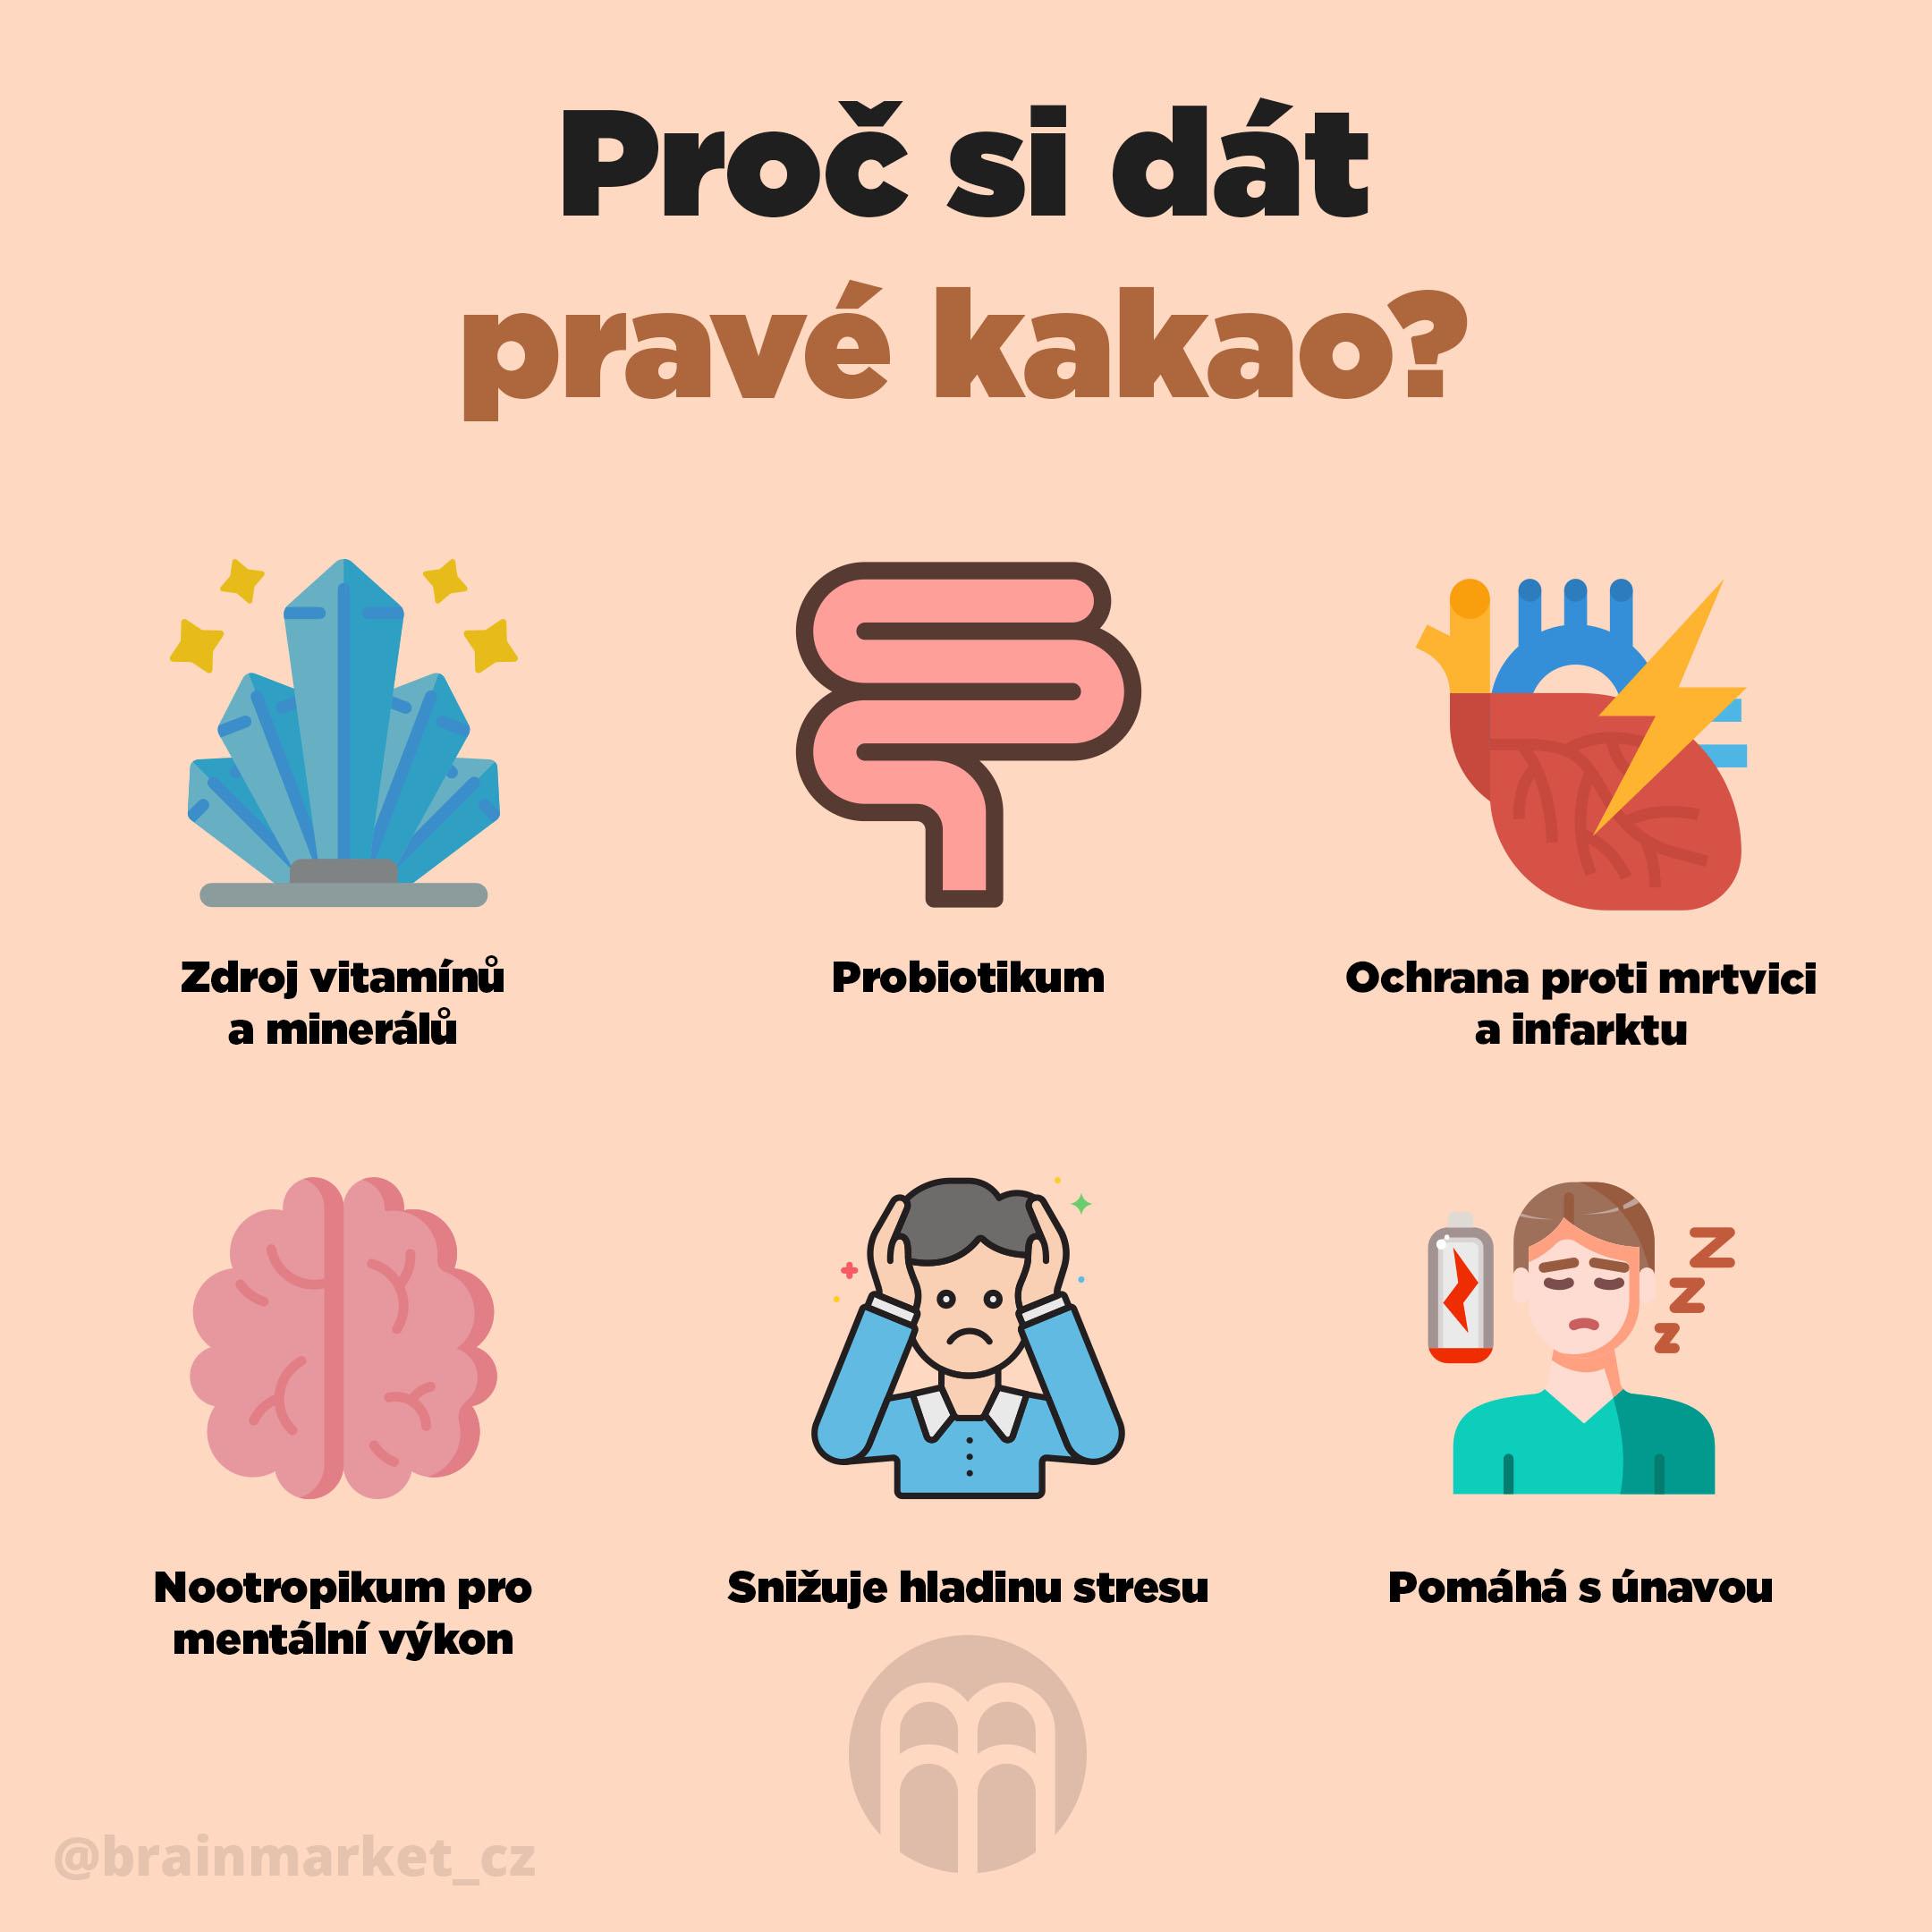 proc_si_dat_prave_kakao_CZ_Infografika-BrainMarket-2